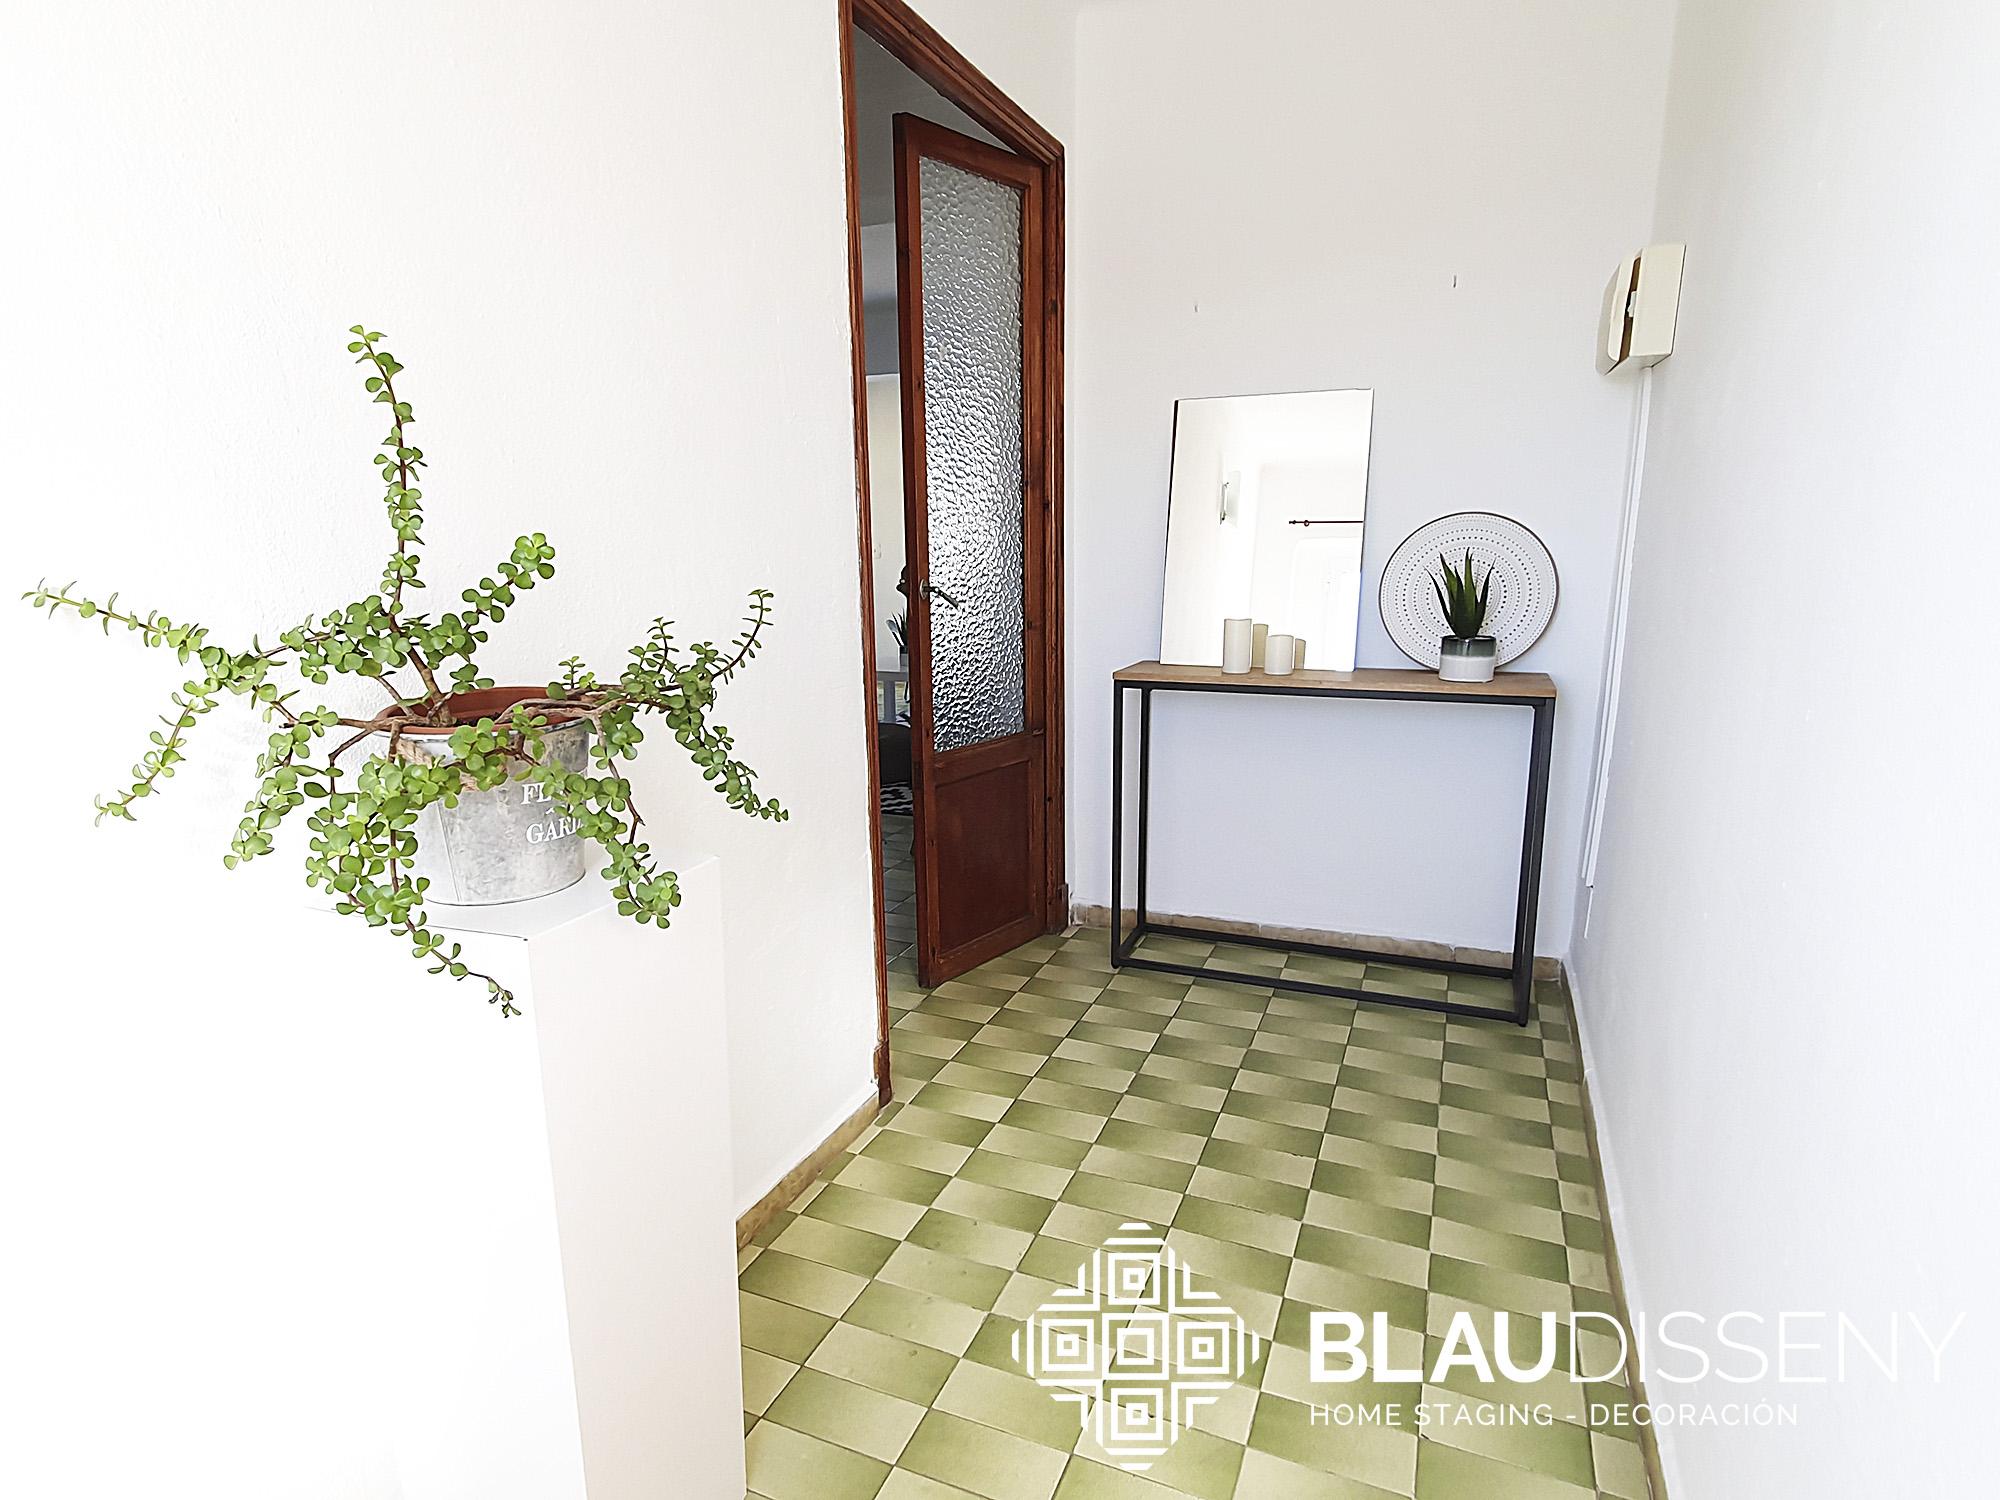 Blaudisseny-home-staging-Son-Cladera-recibidor-despues-logo